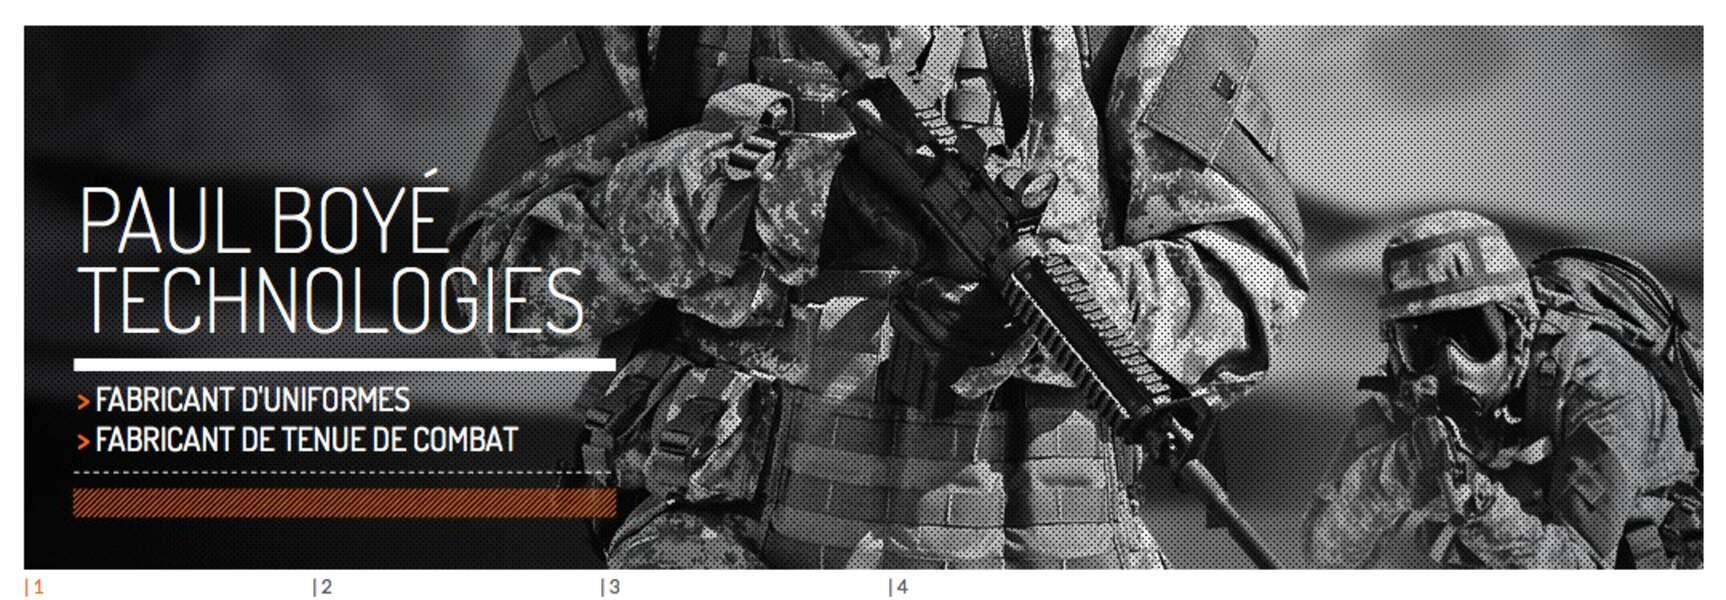 Paul Boyé Technologies (uniformes et équipements de sécurité) : sa tenue NBC habille l'armée US